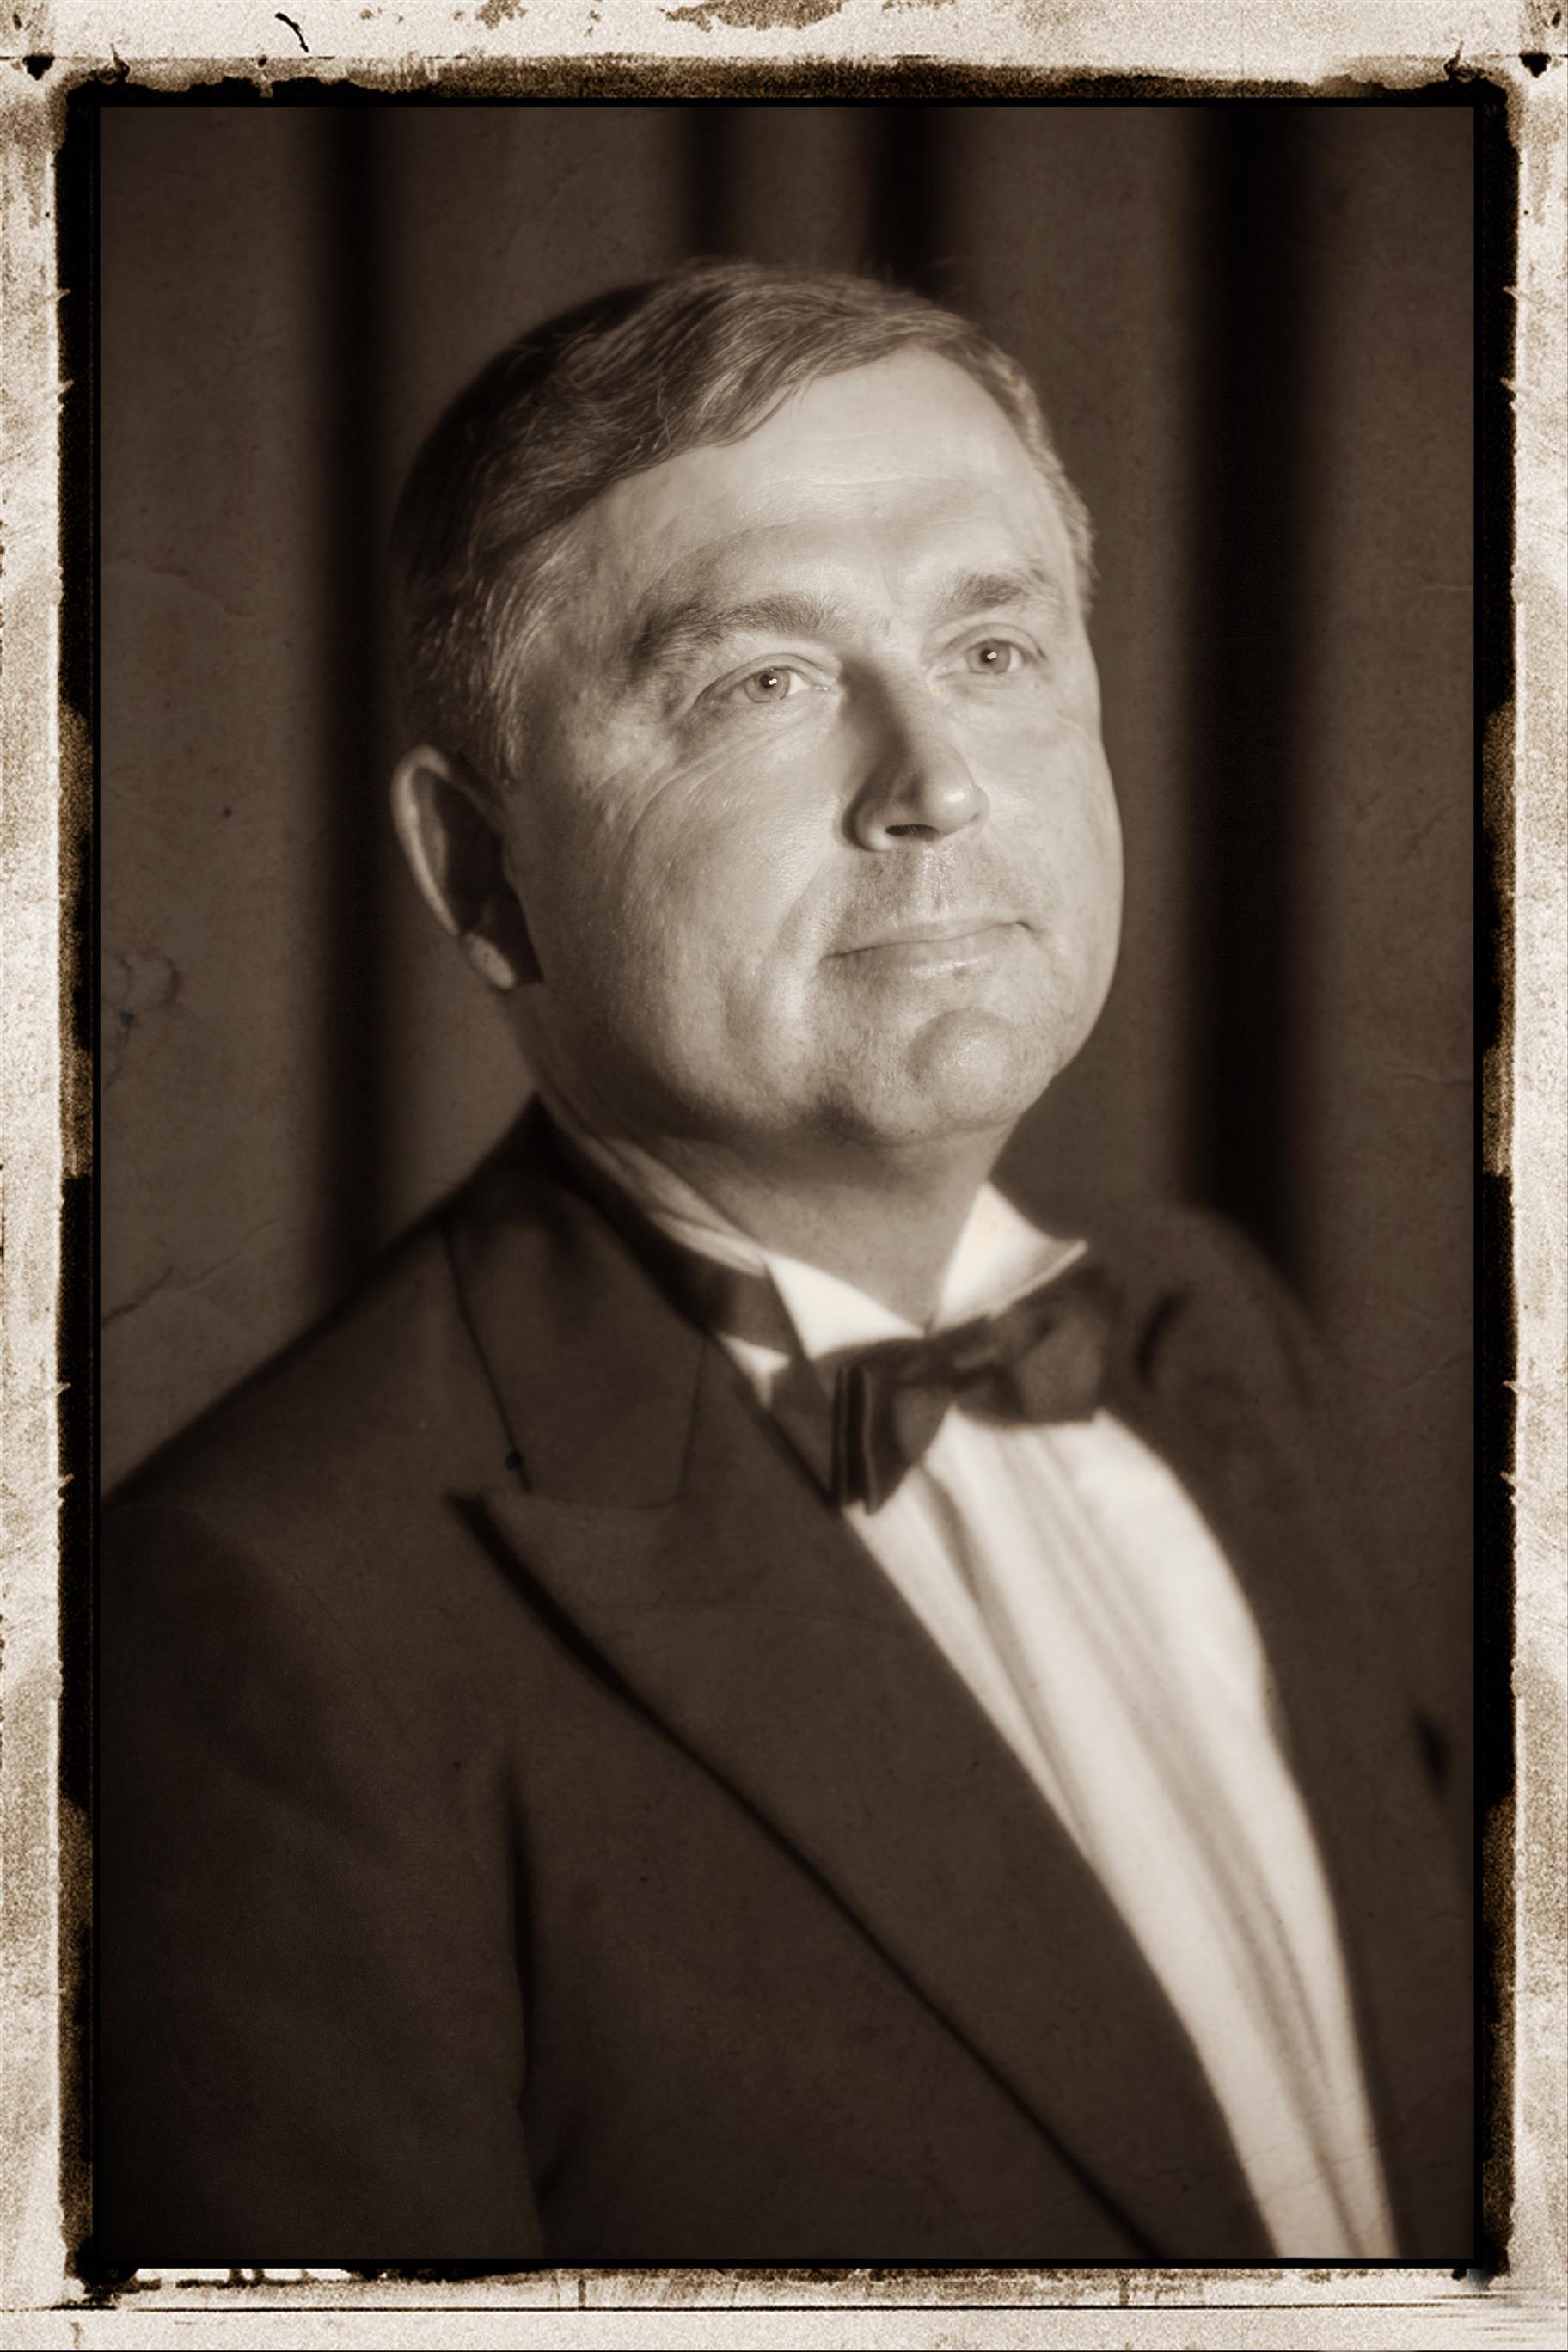 Gerhard Galler-von Engel